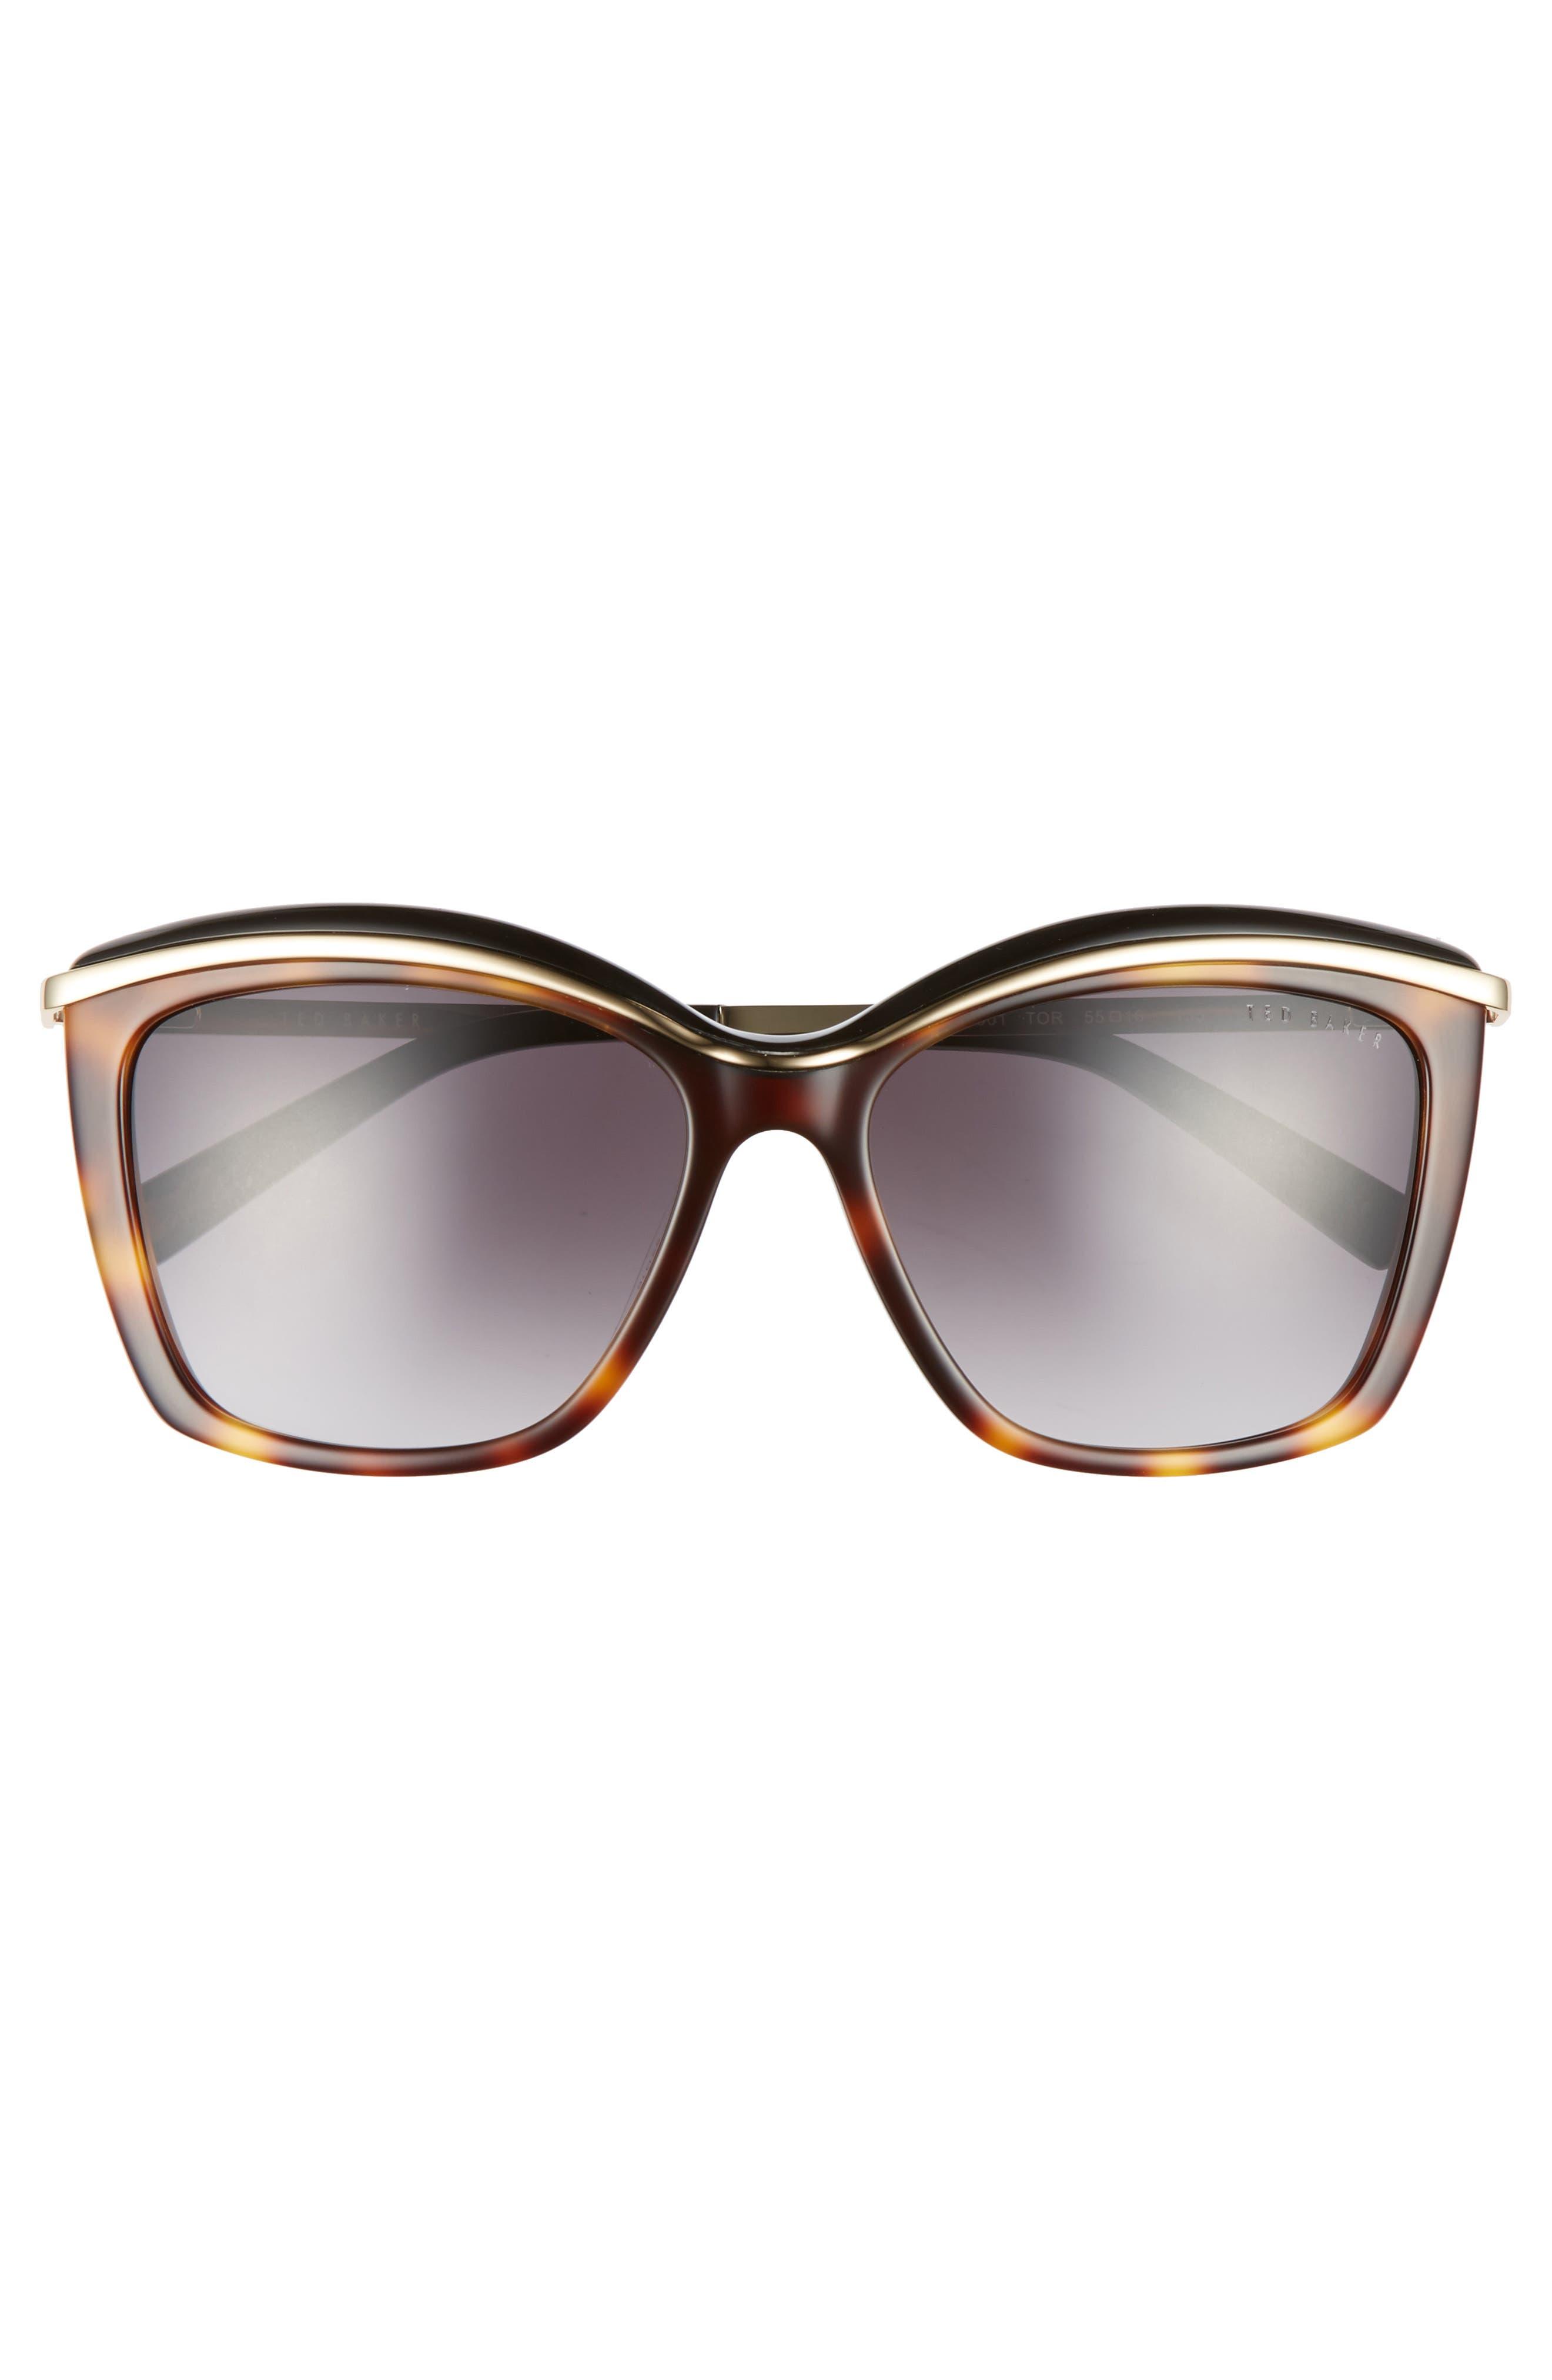 55mm Cat Eye Sunglasses,                             Alternate thumbnail 3, color,                             Tortoise